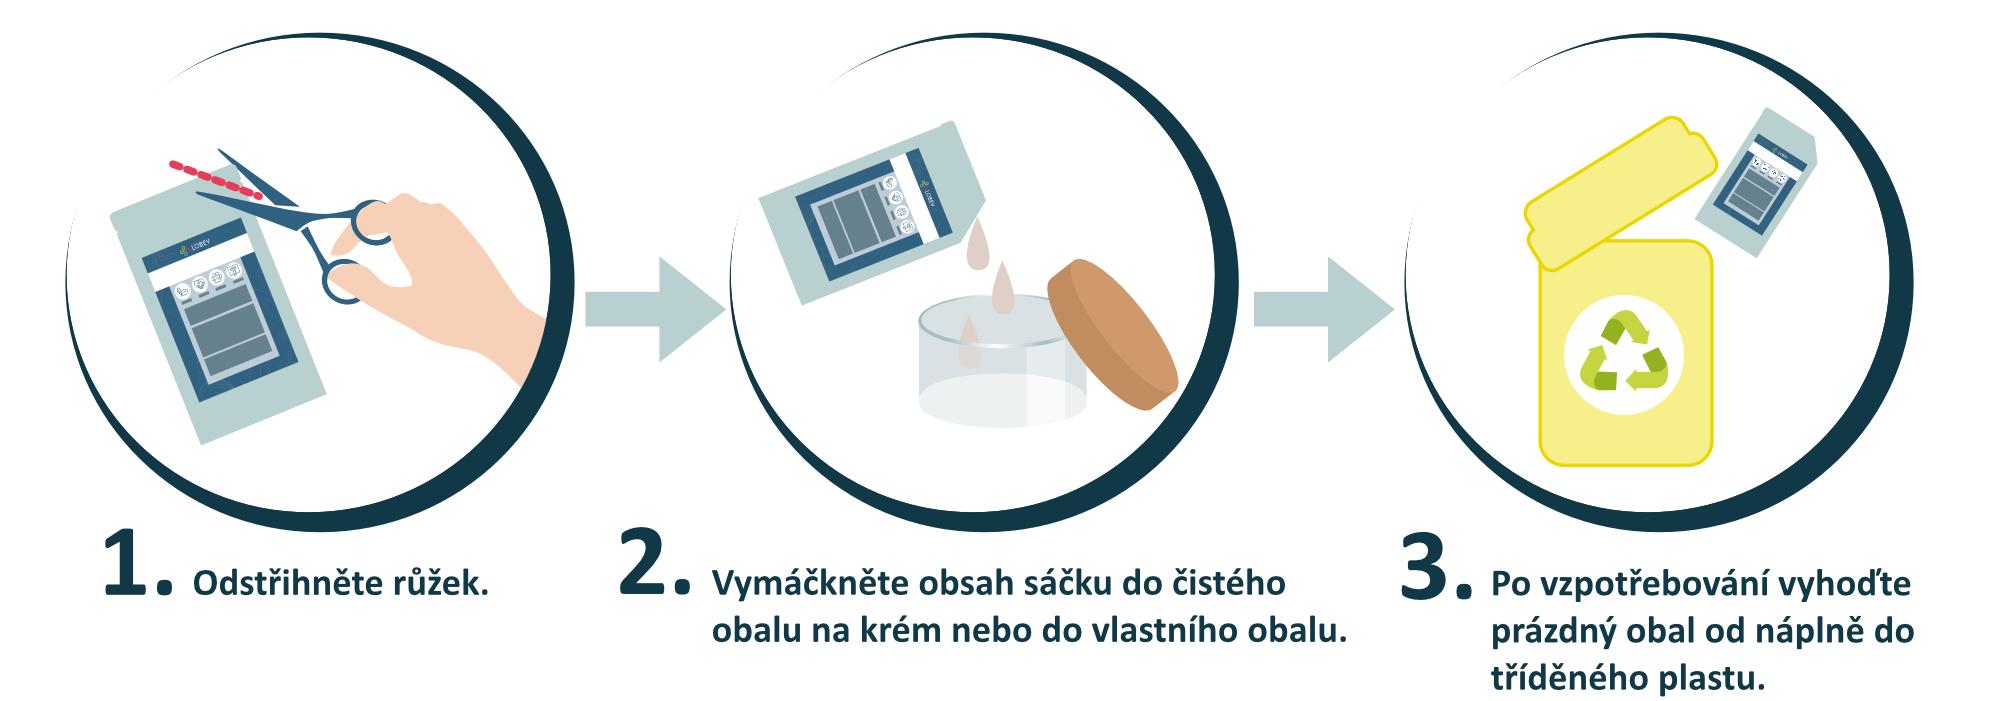 resacek_kremoveprodukty_1